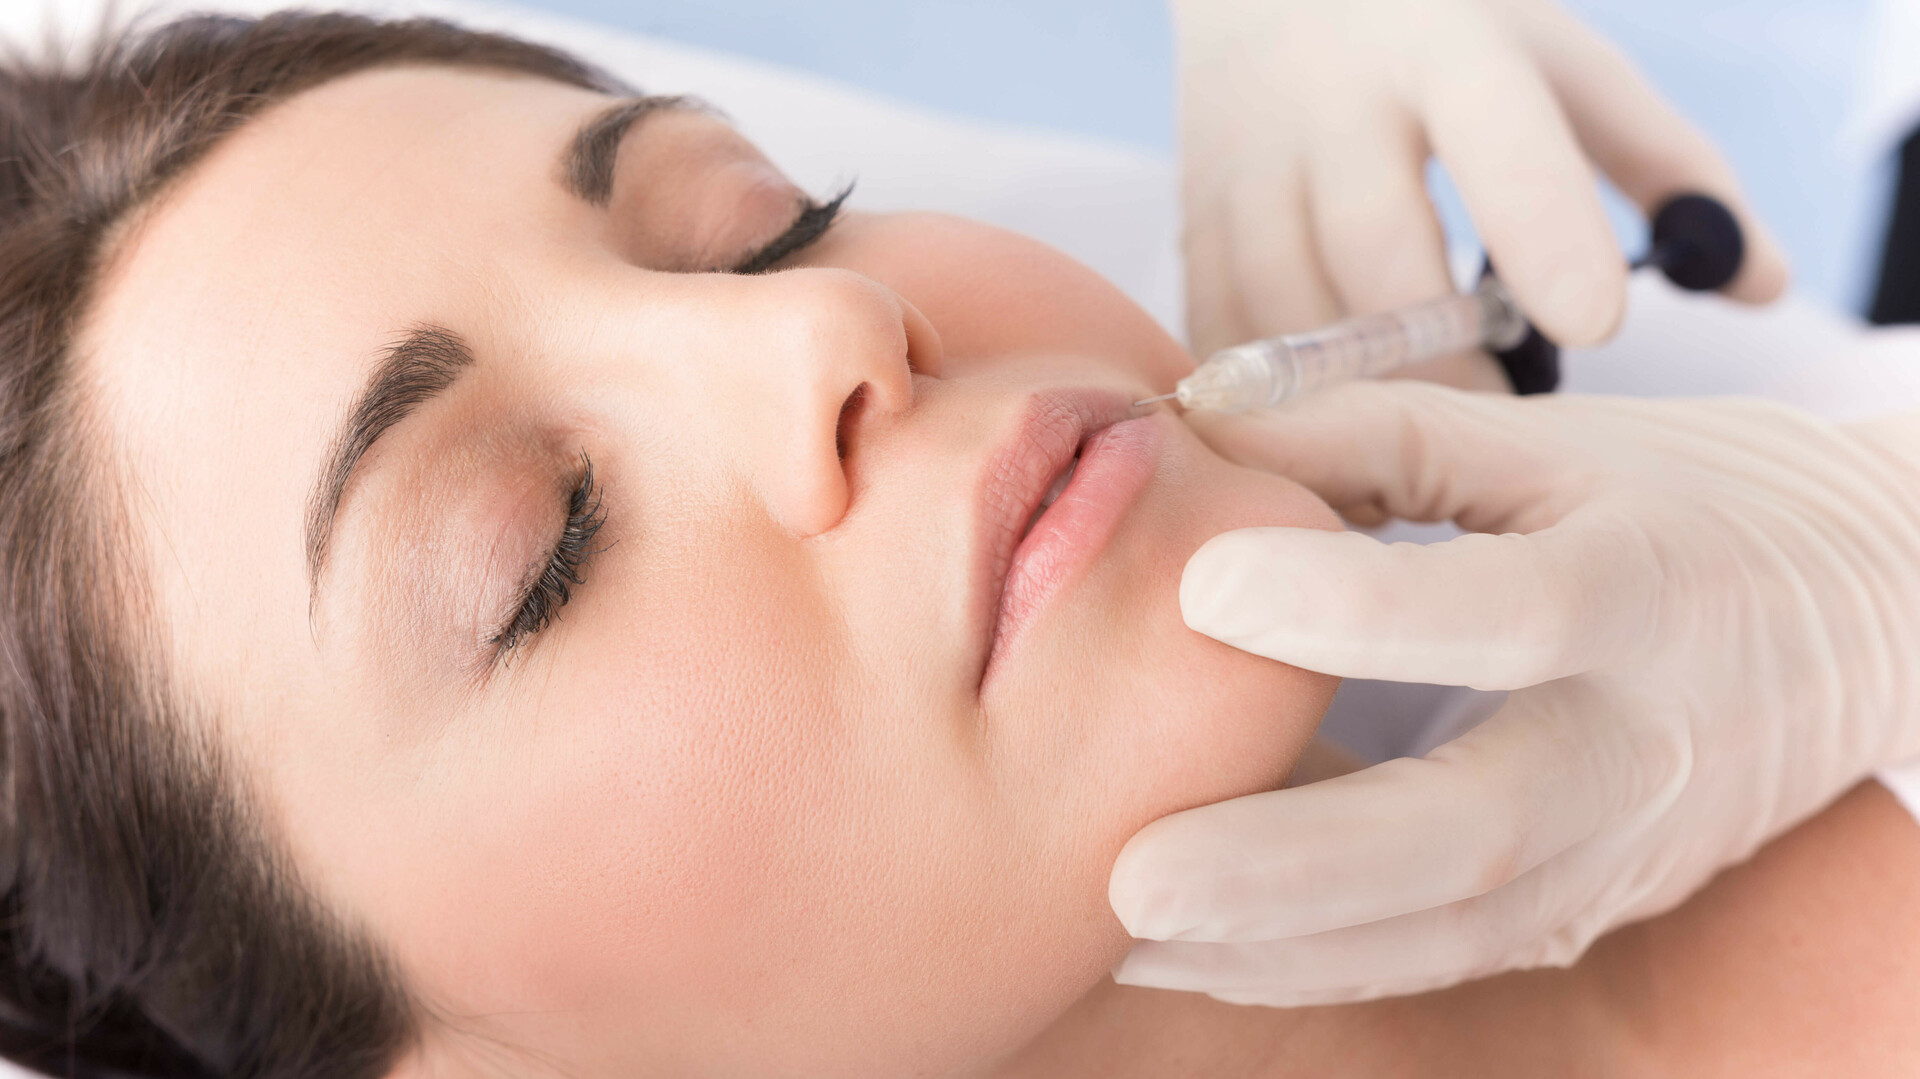 Faltenbehandlung mit Hyaluronsäure und Botox